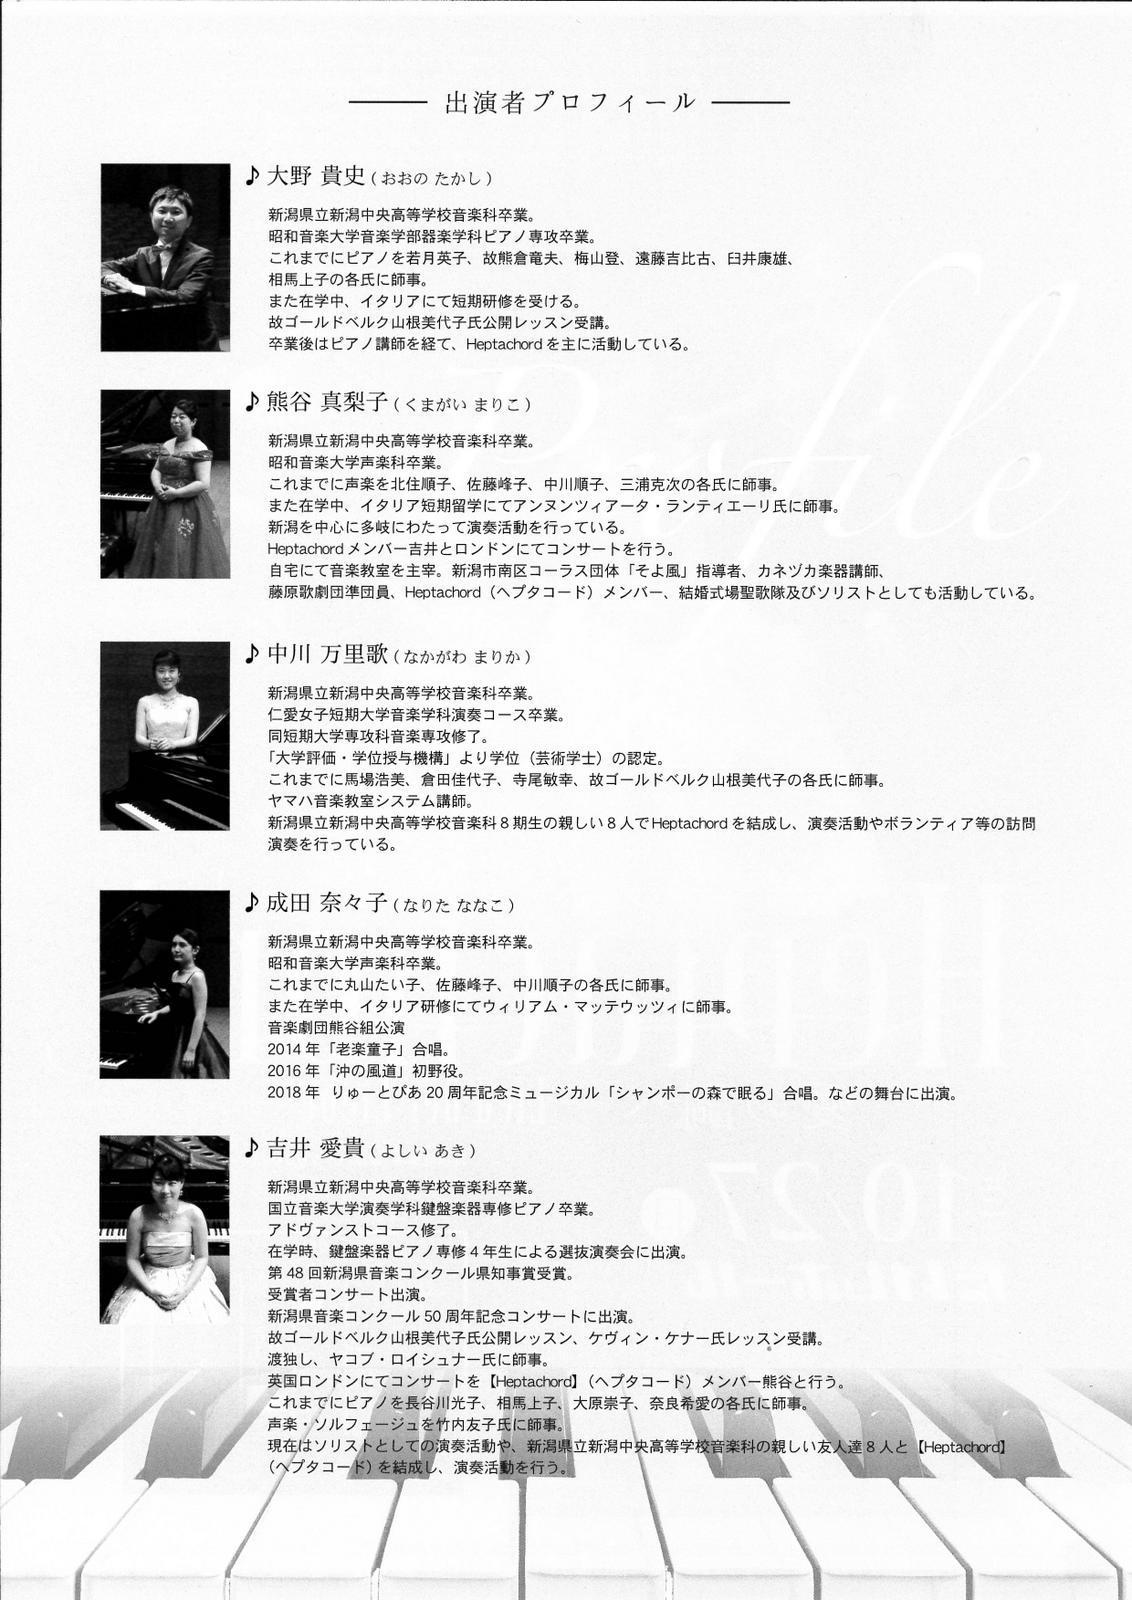 8期生さん公演&大瀧拓哉さん情報!_e0046190_16340081.jpg